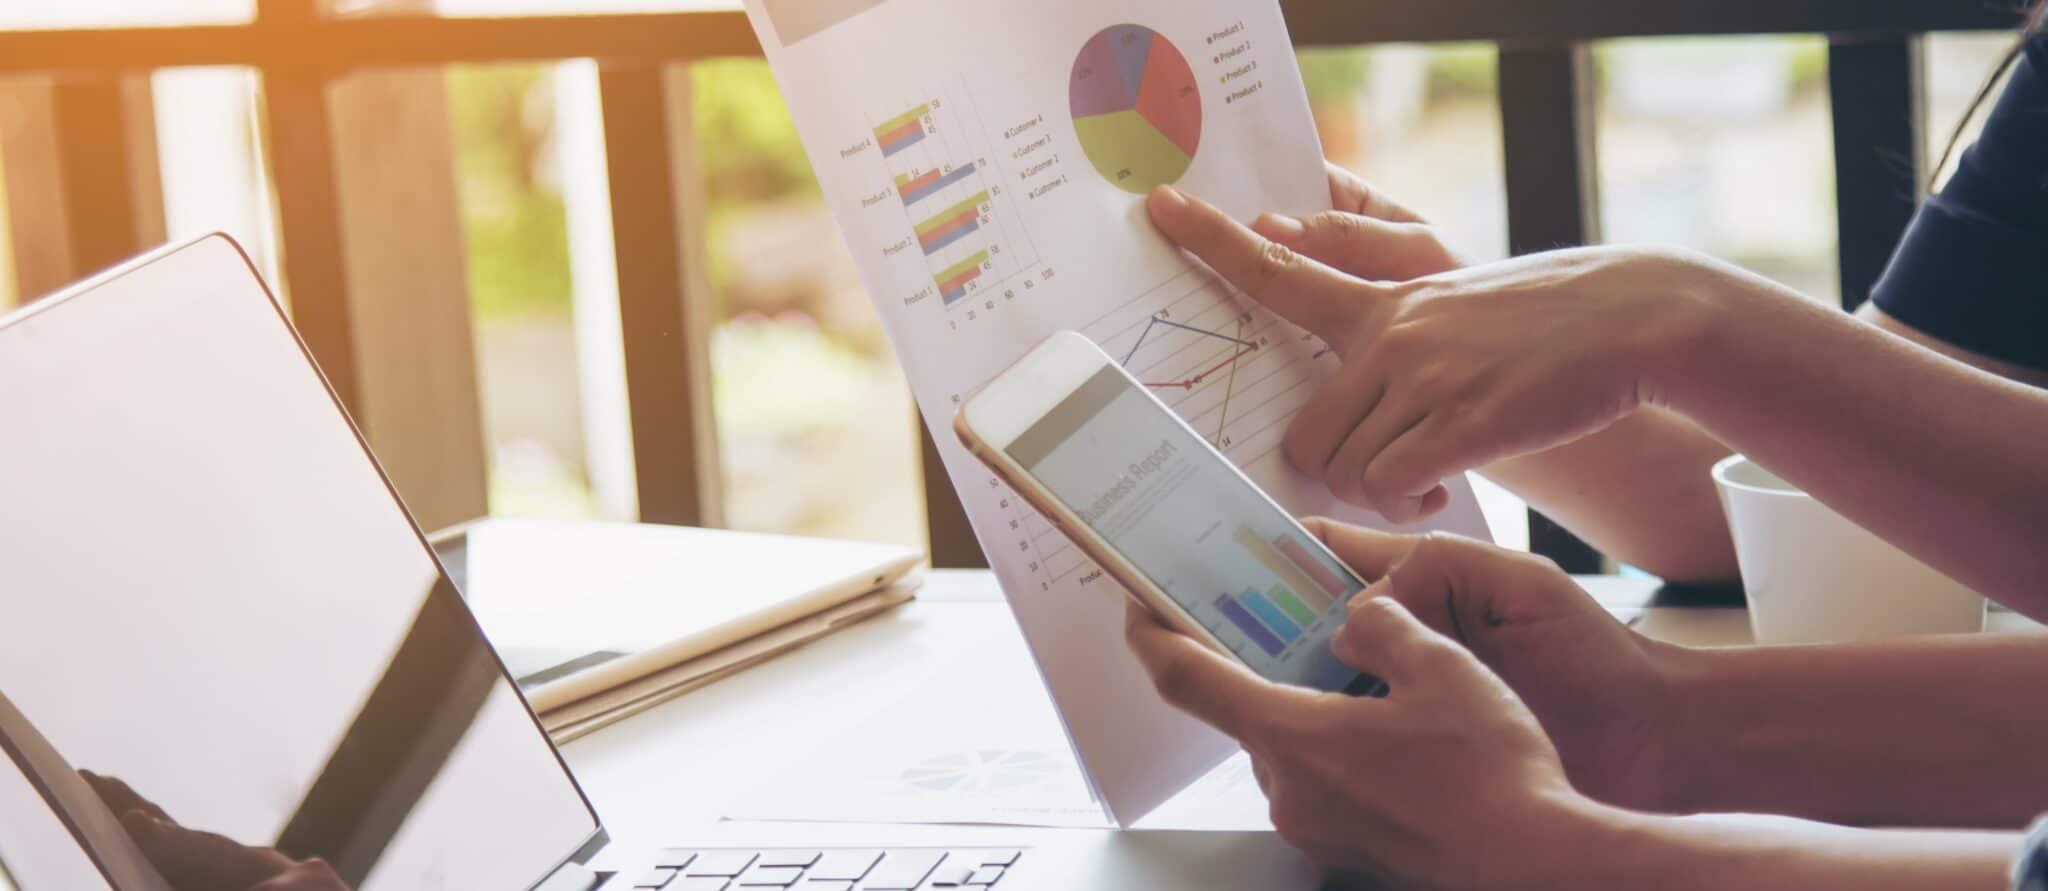 Cos'è il web marketing e come sfruttarlo per la tua azienda